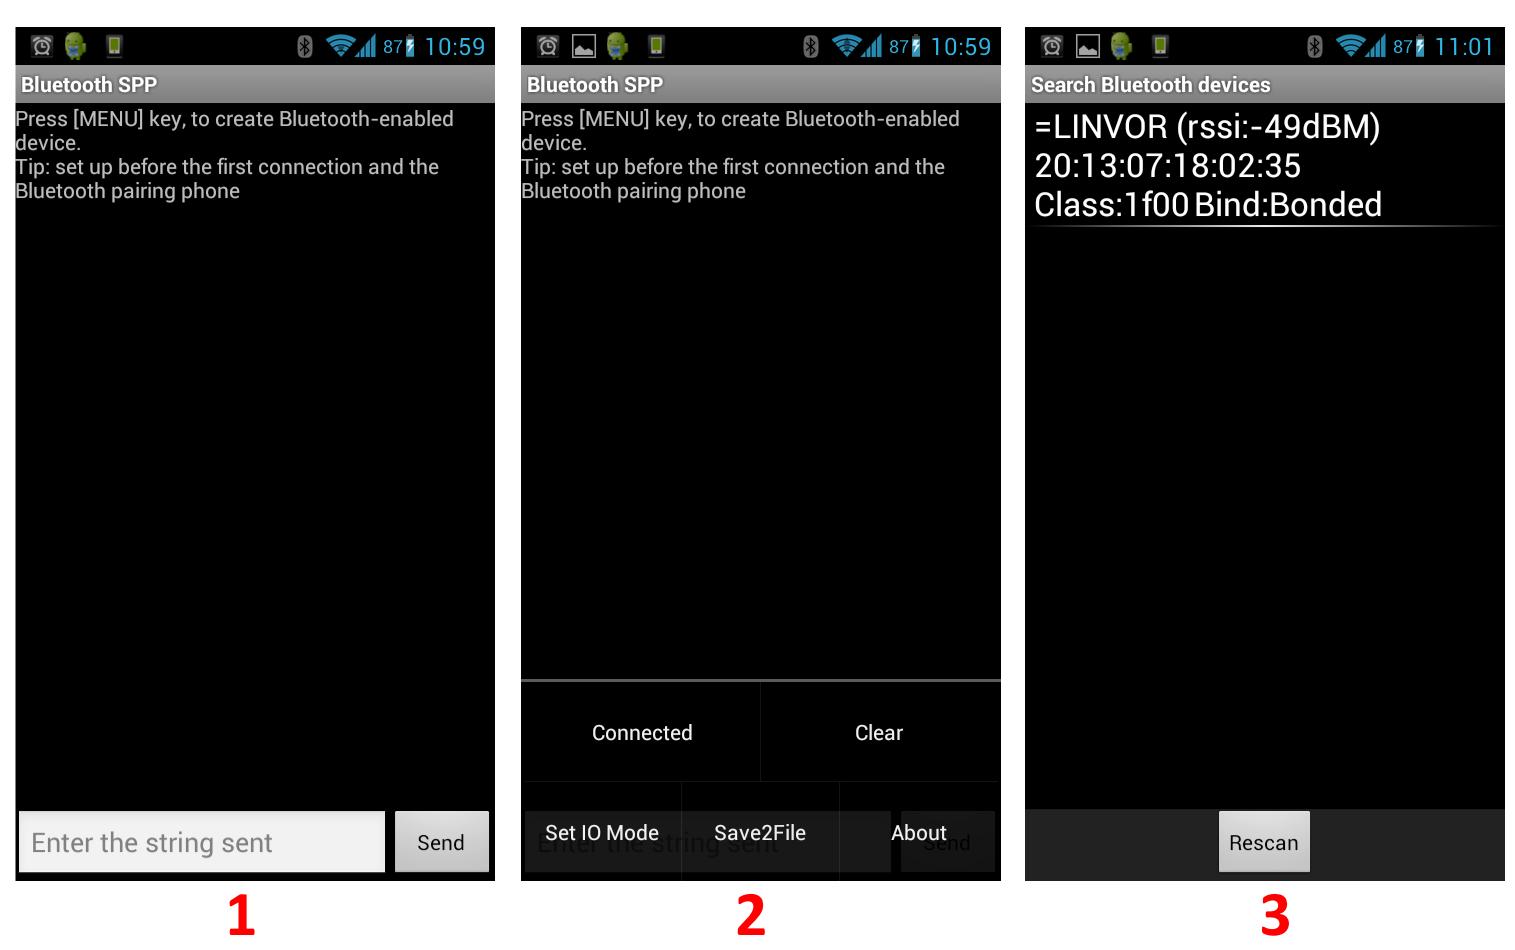 Celular_BT_Telas123